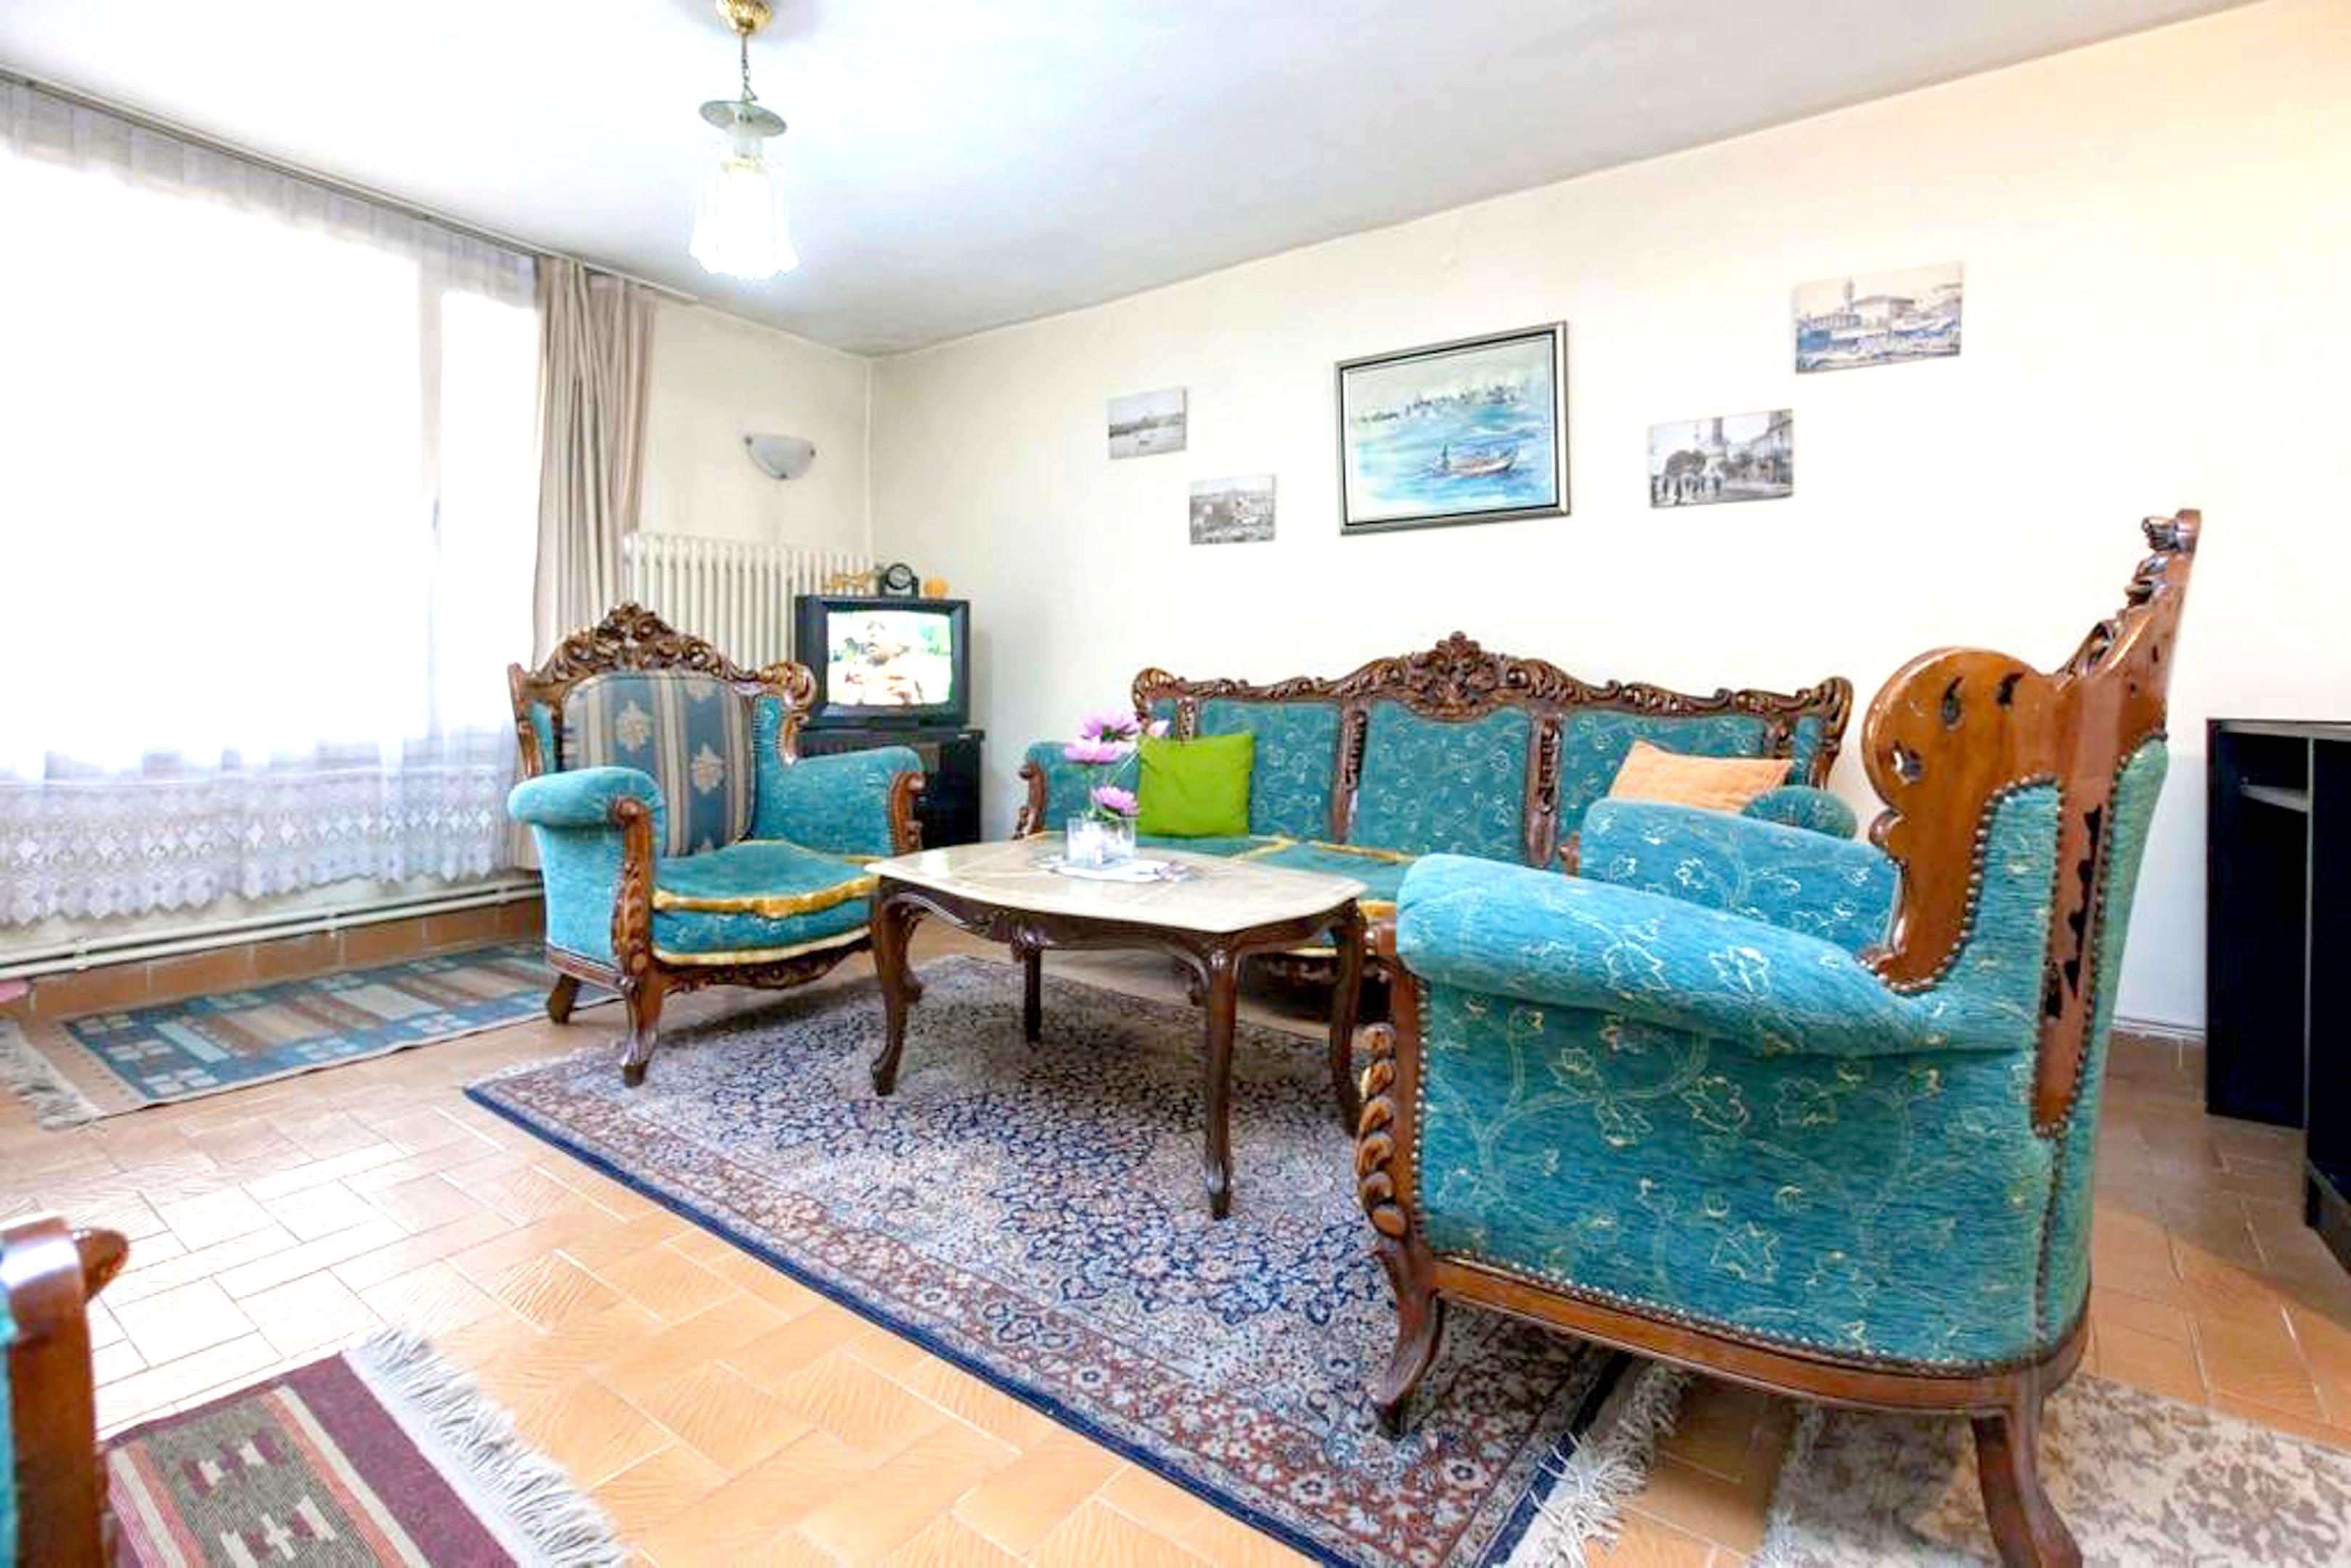 Wohnung mit 2 Schlafzimmern in Beyoglu Istanbul Ferienwohnung in Türkei